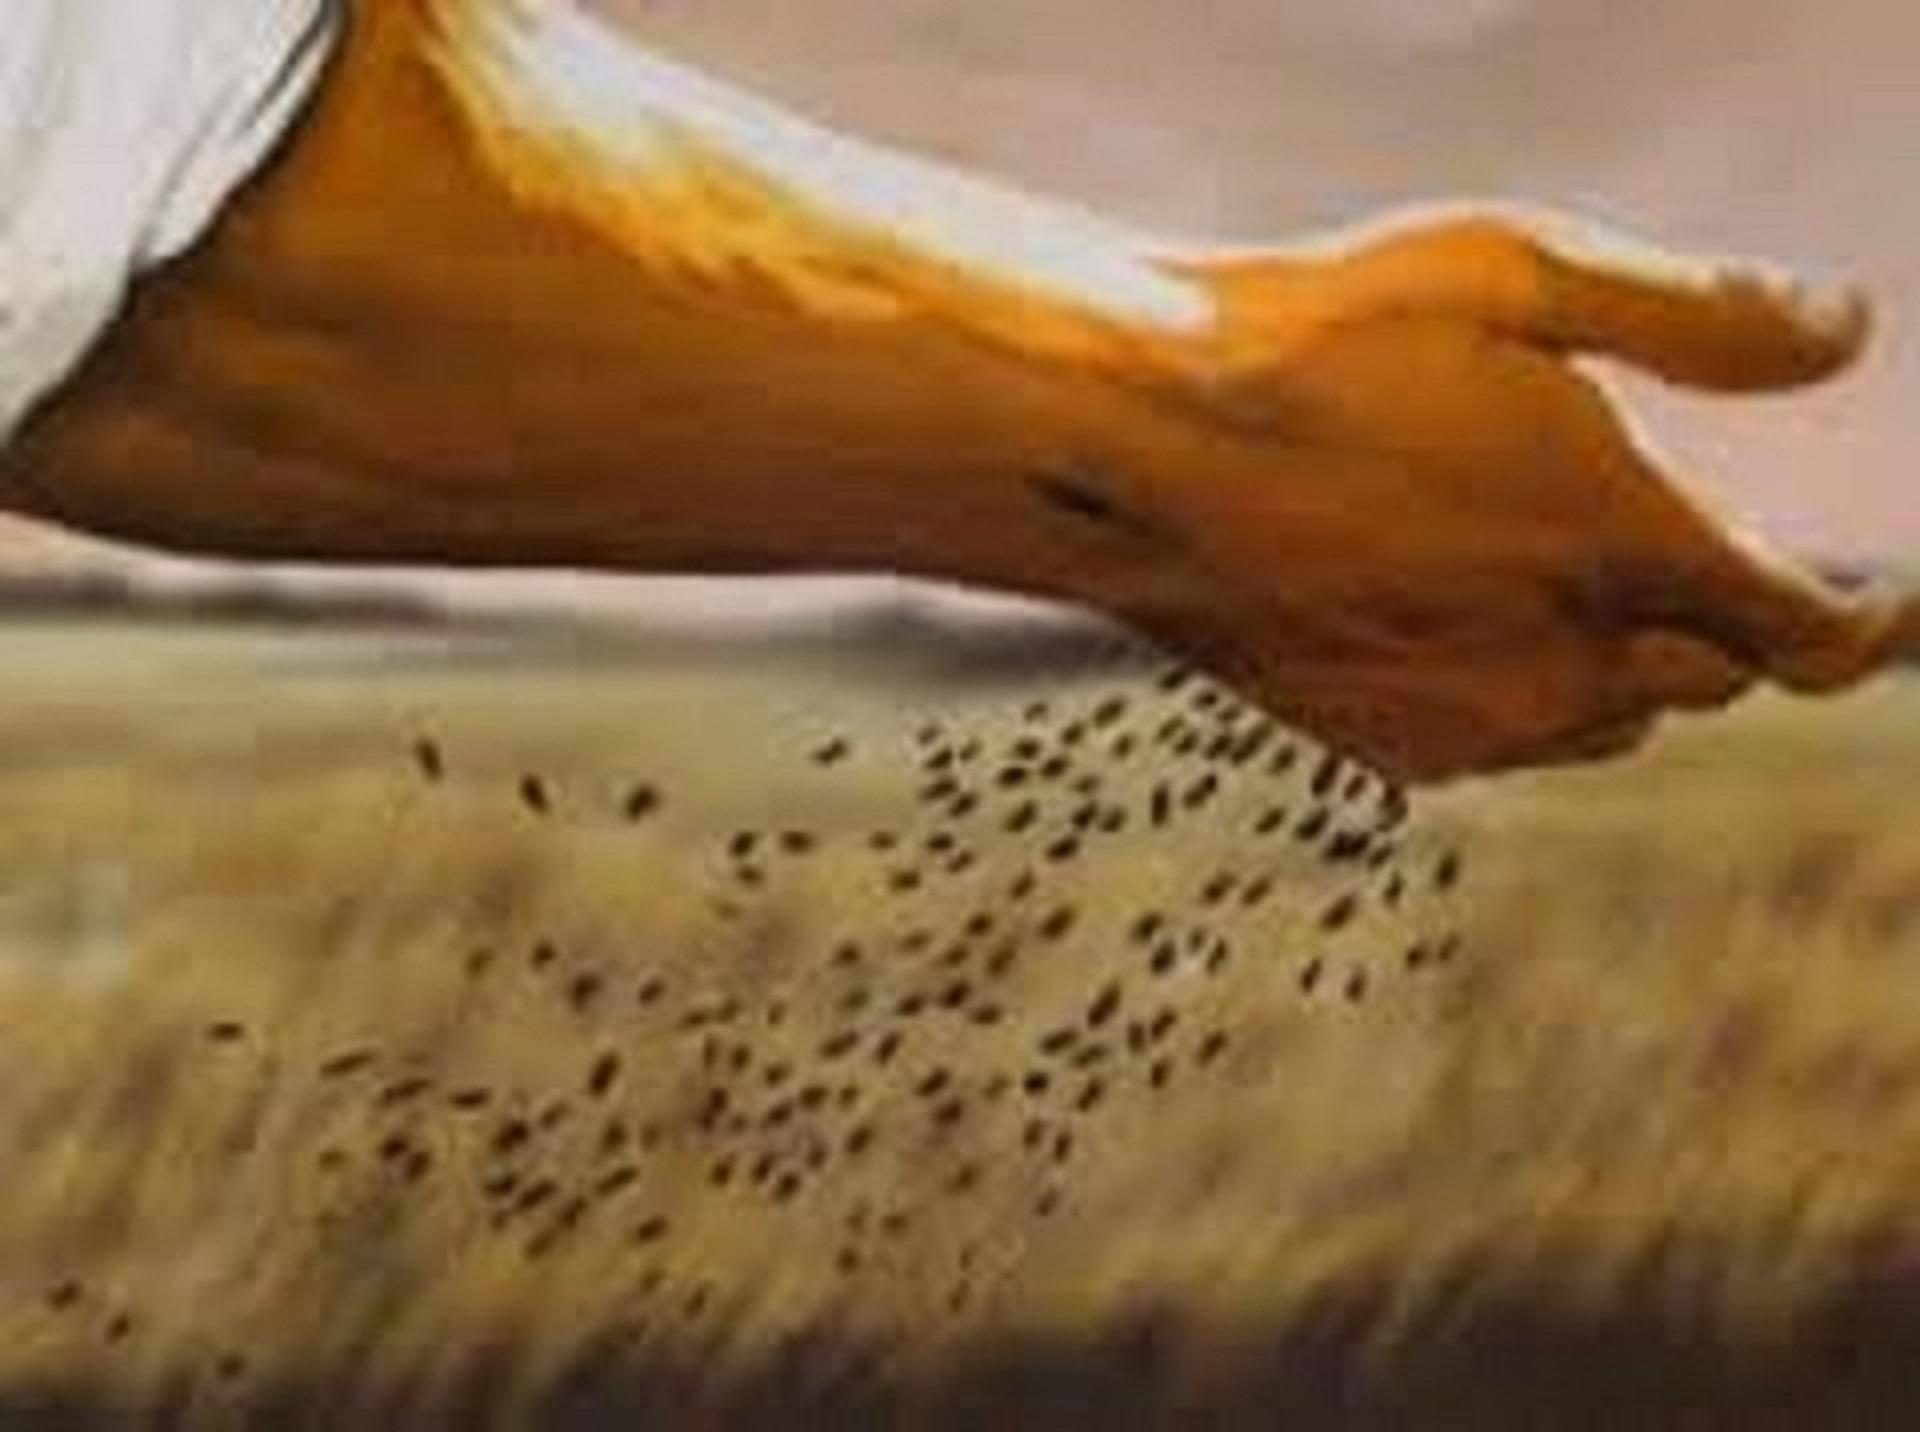 Parabole bon grain et ivraie 21.jpg